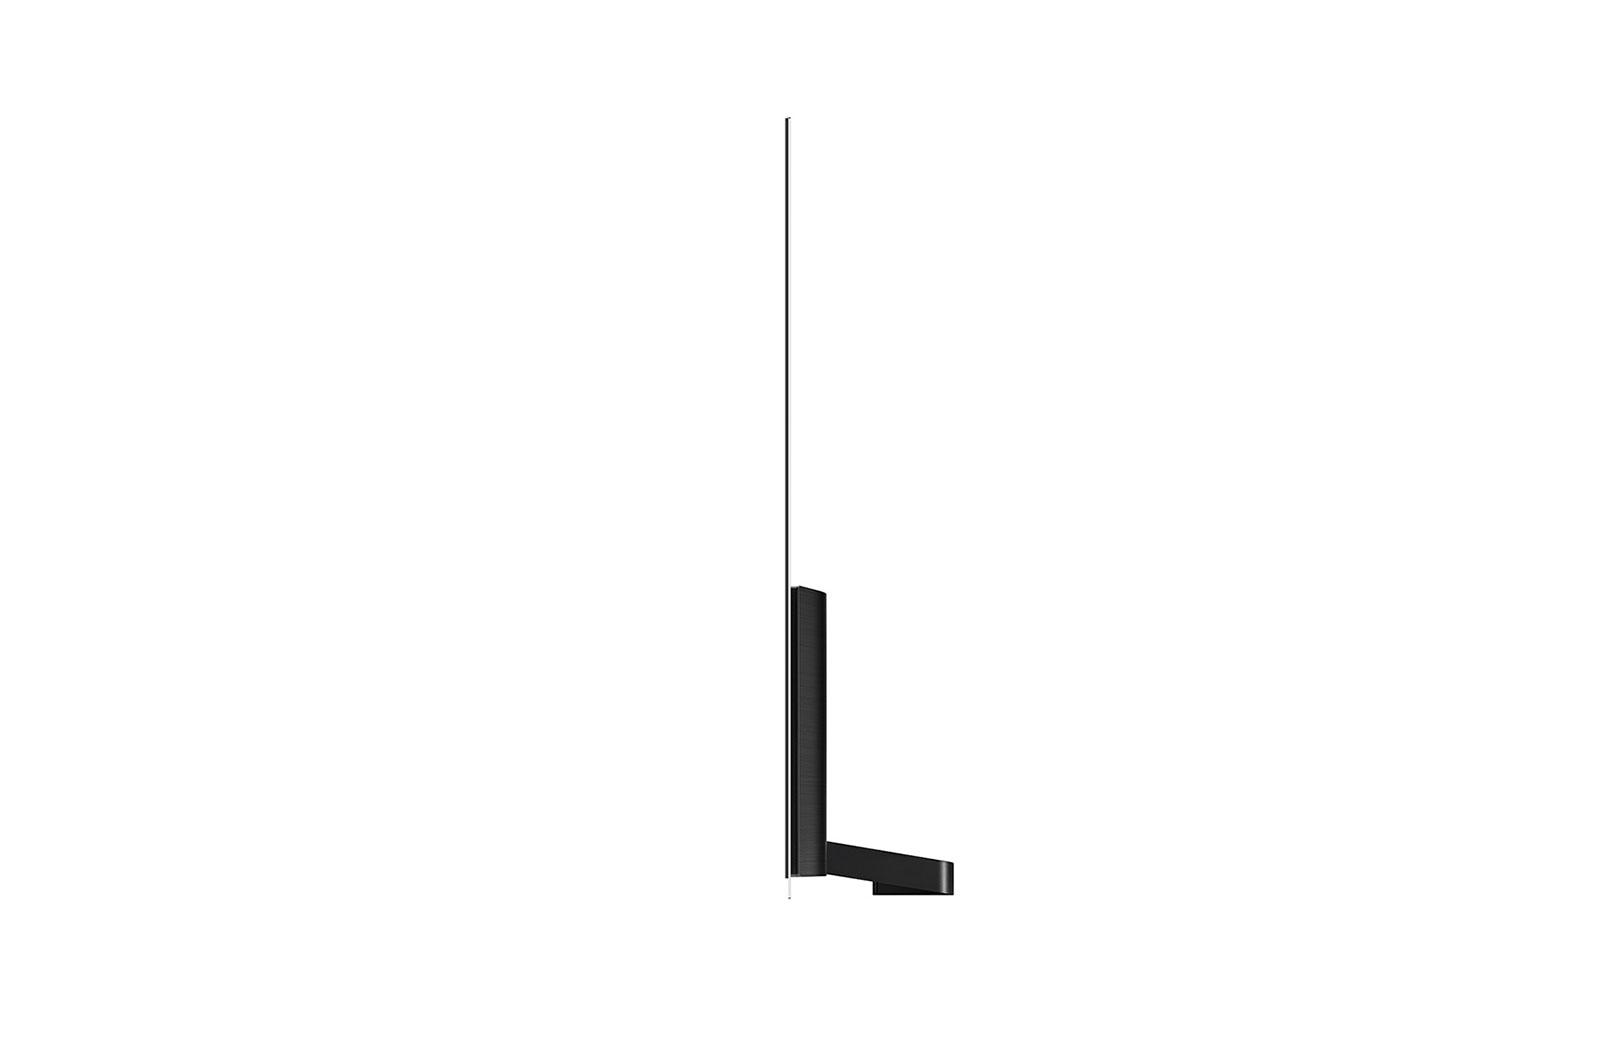 LG OLED TV 65 inch E9 OLED65E9PVA 4